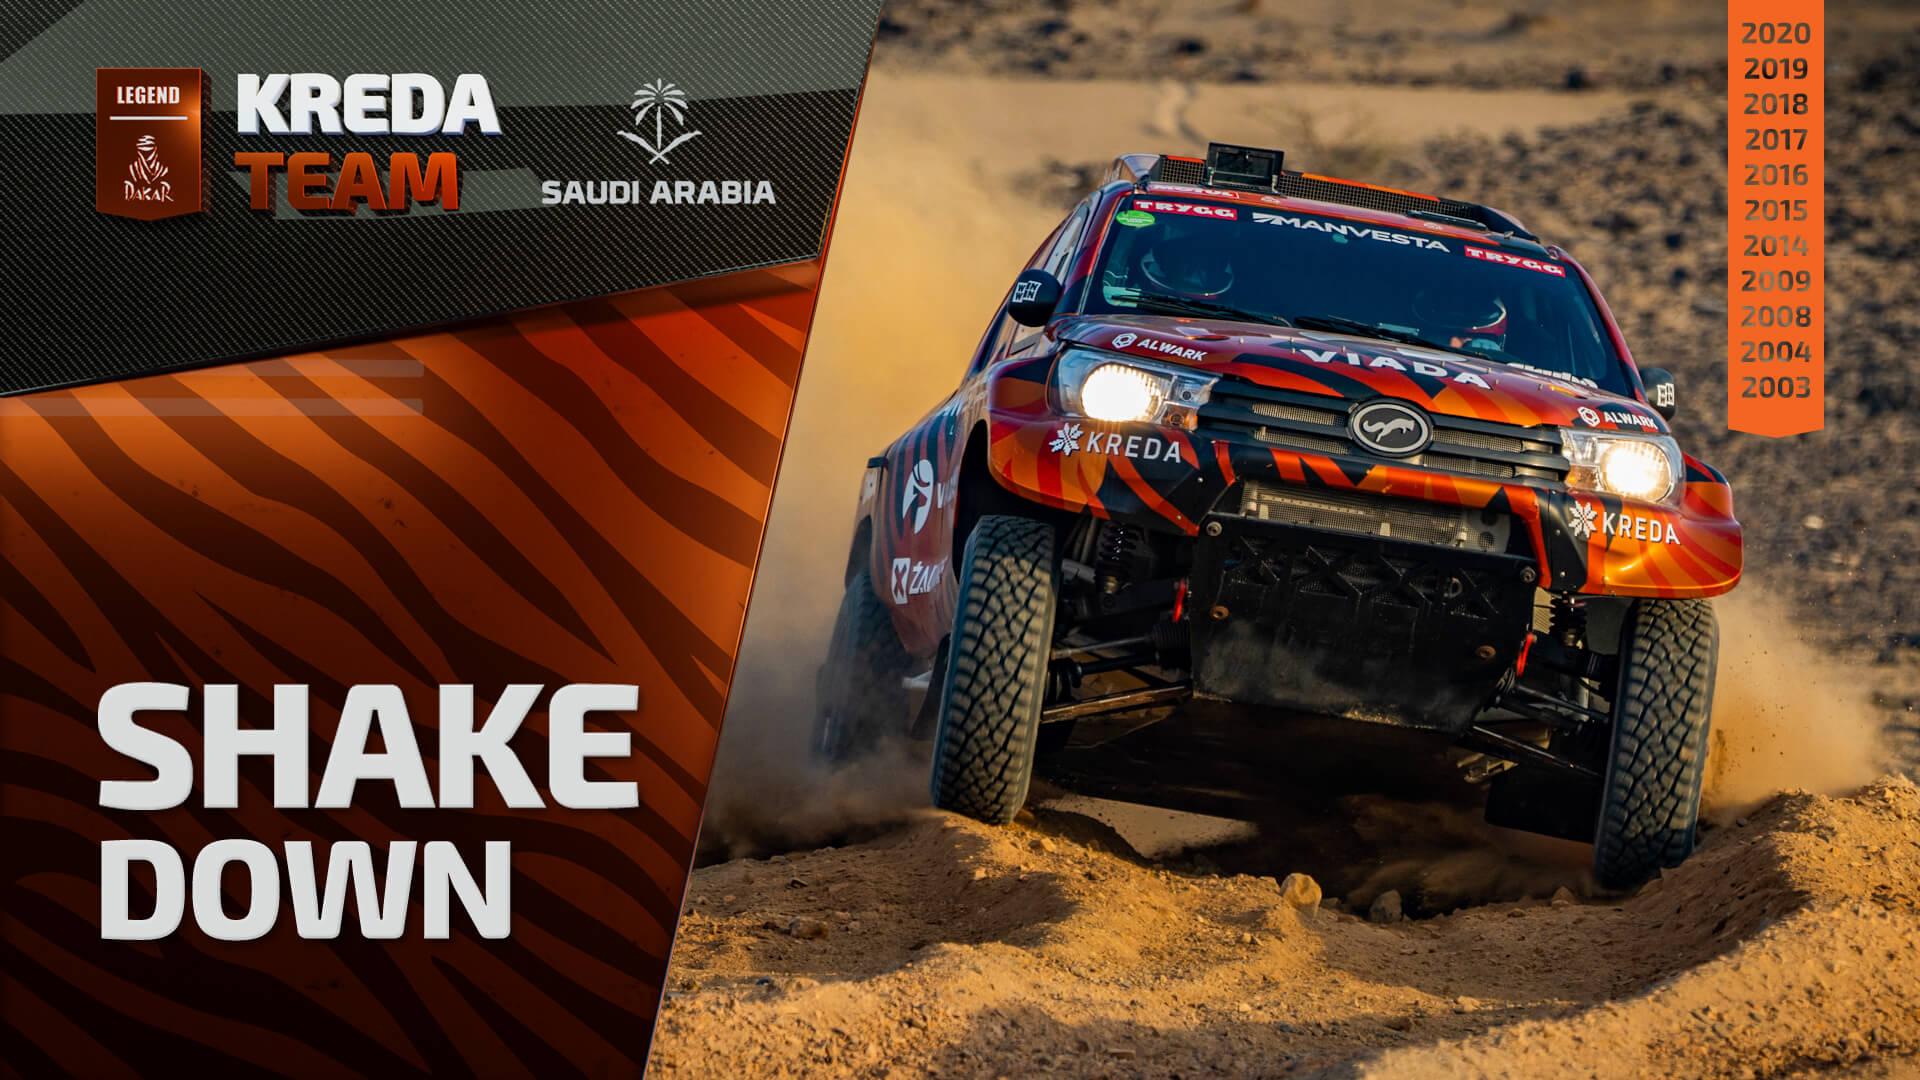 Dakar Rally 2021. Shakedown Session Before Dakar Rally Start